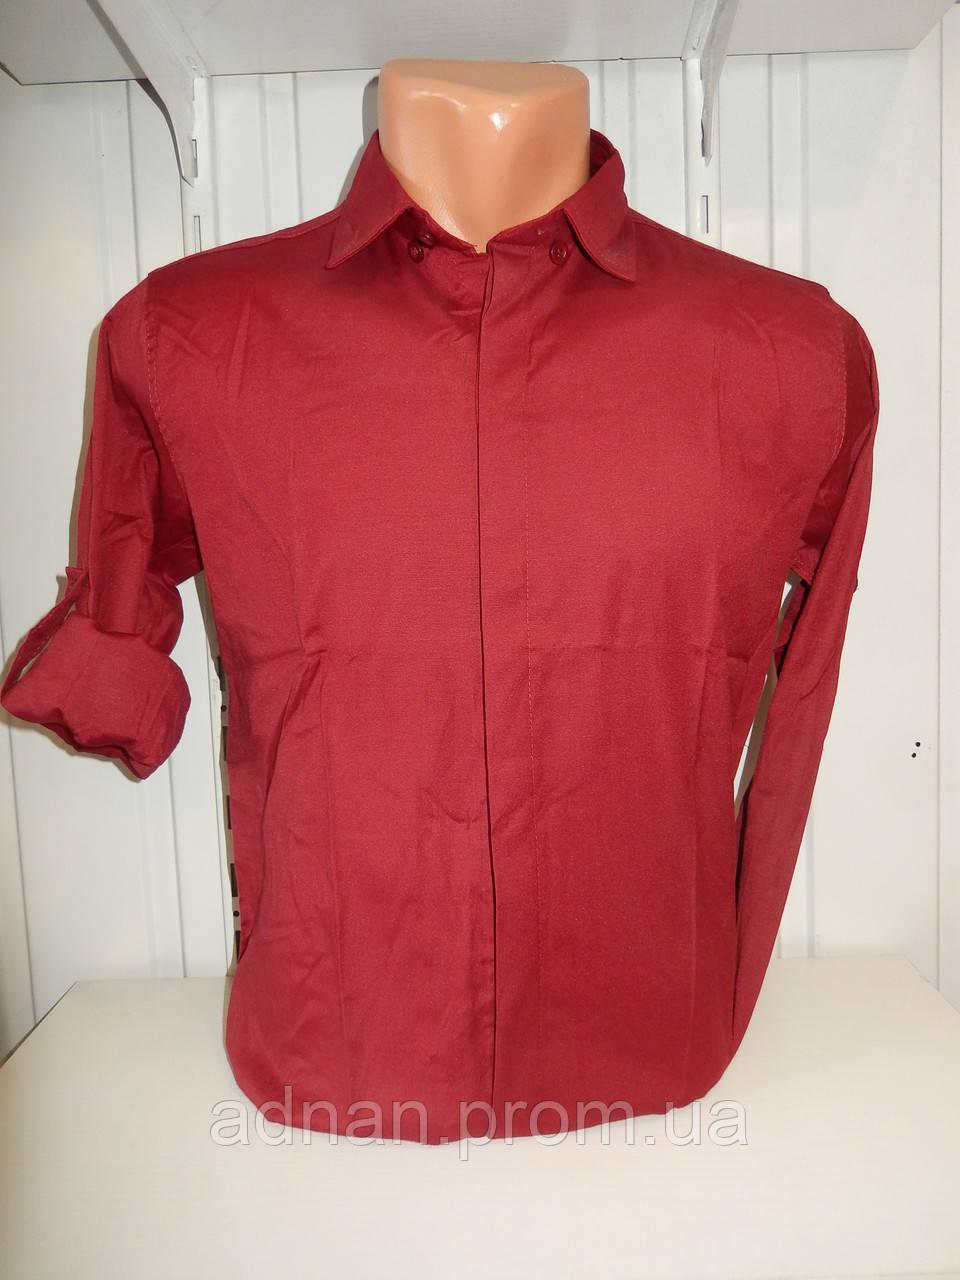 Рубашка мужская, рукав трансформер, однотонная, стрейч 003\ купить рубашку